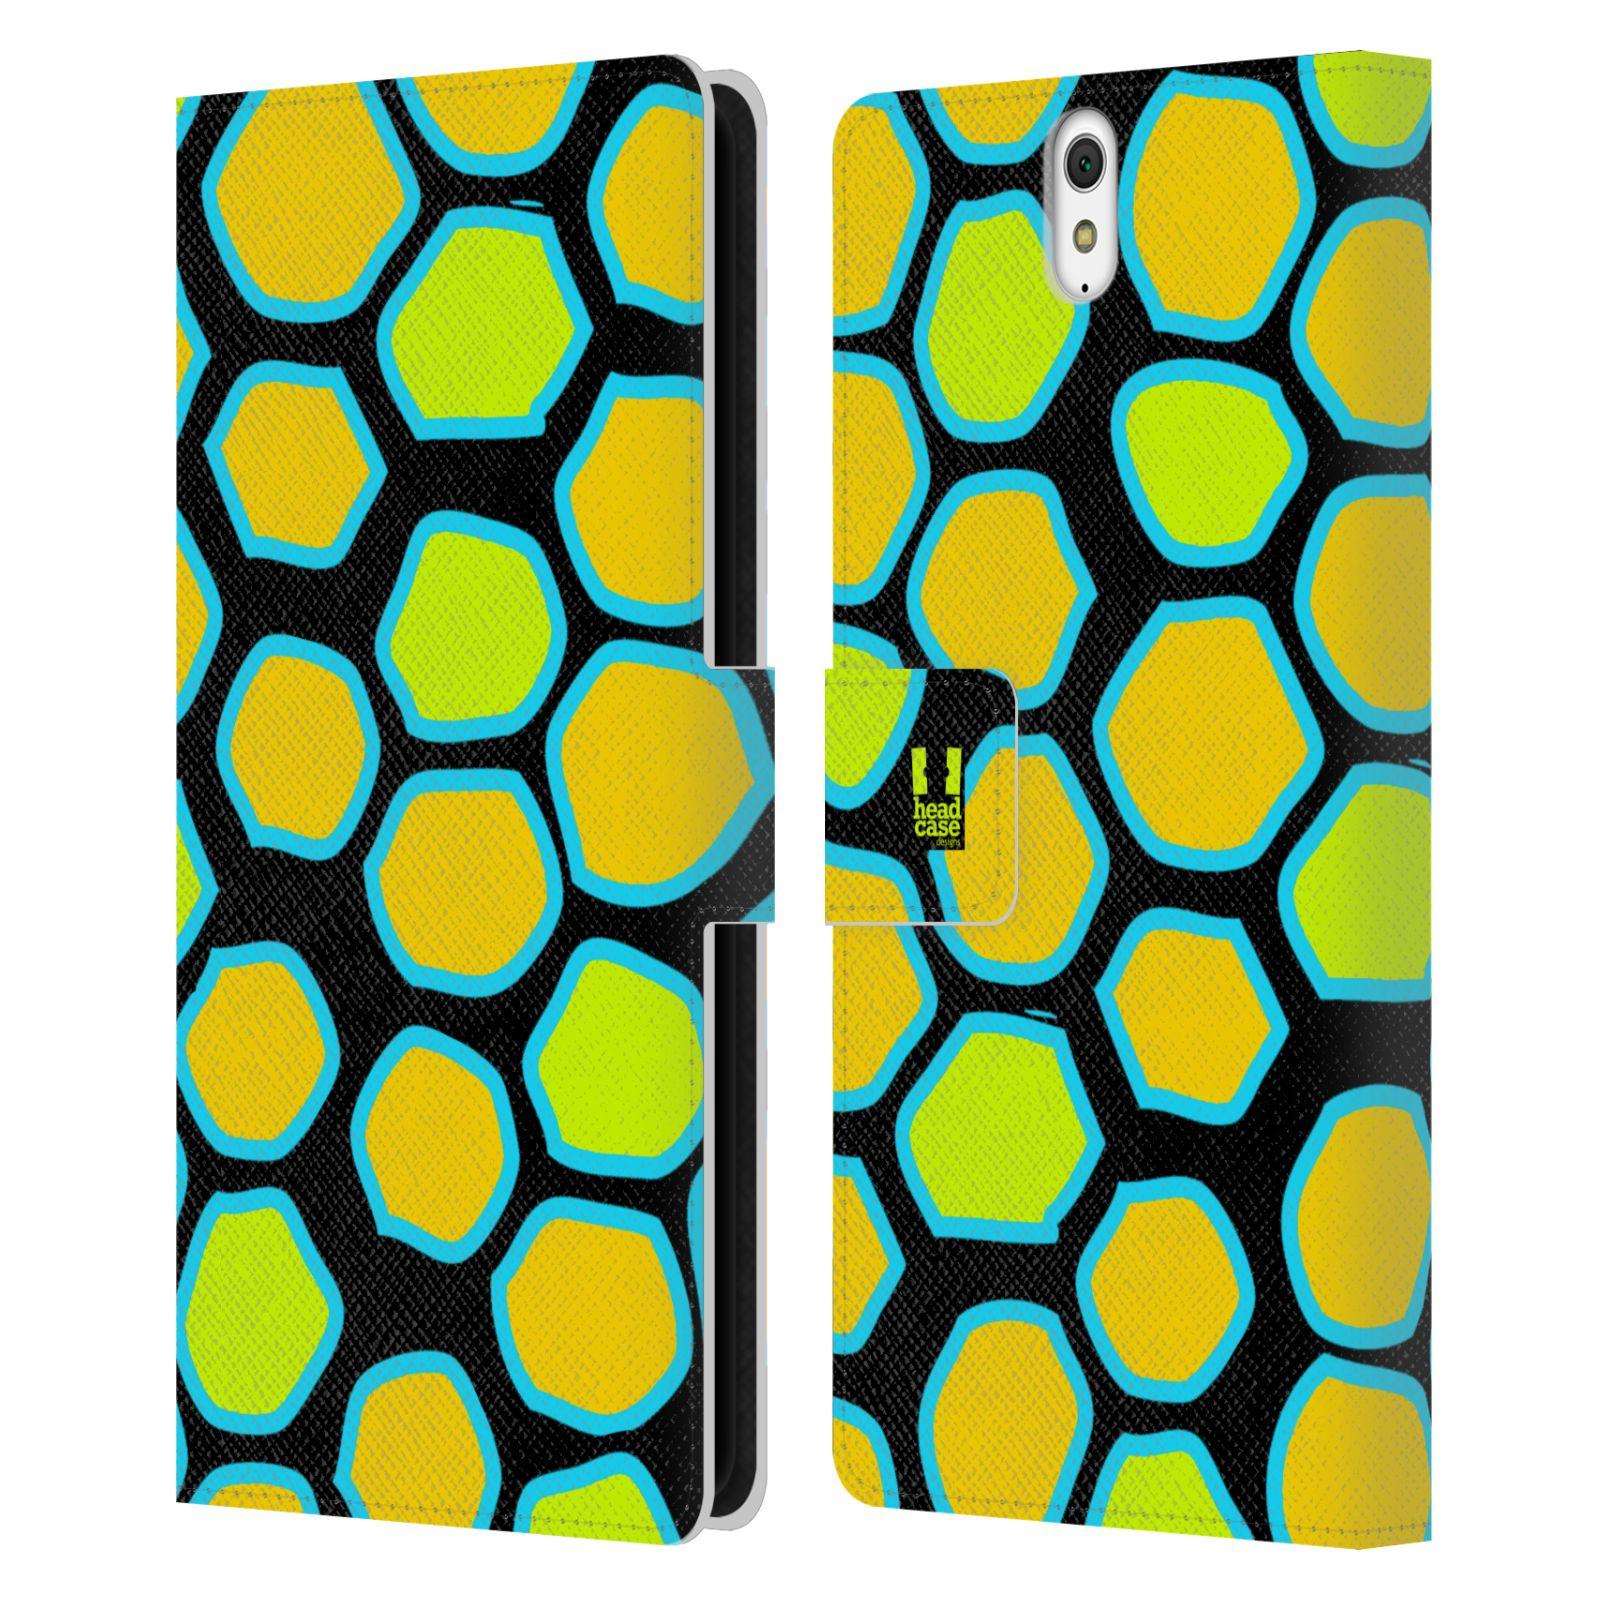 HEAD CASE Flipové pouzdro pro mobil SONY XPERIA C5 Ultra Zvířecí barevné vzory žlutý had